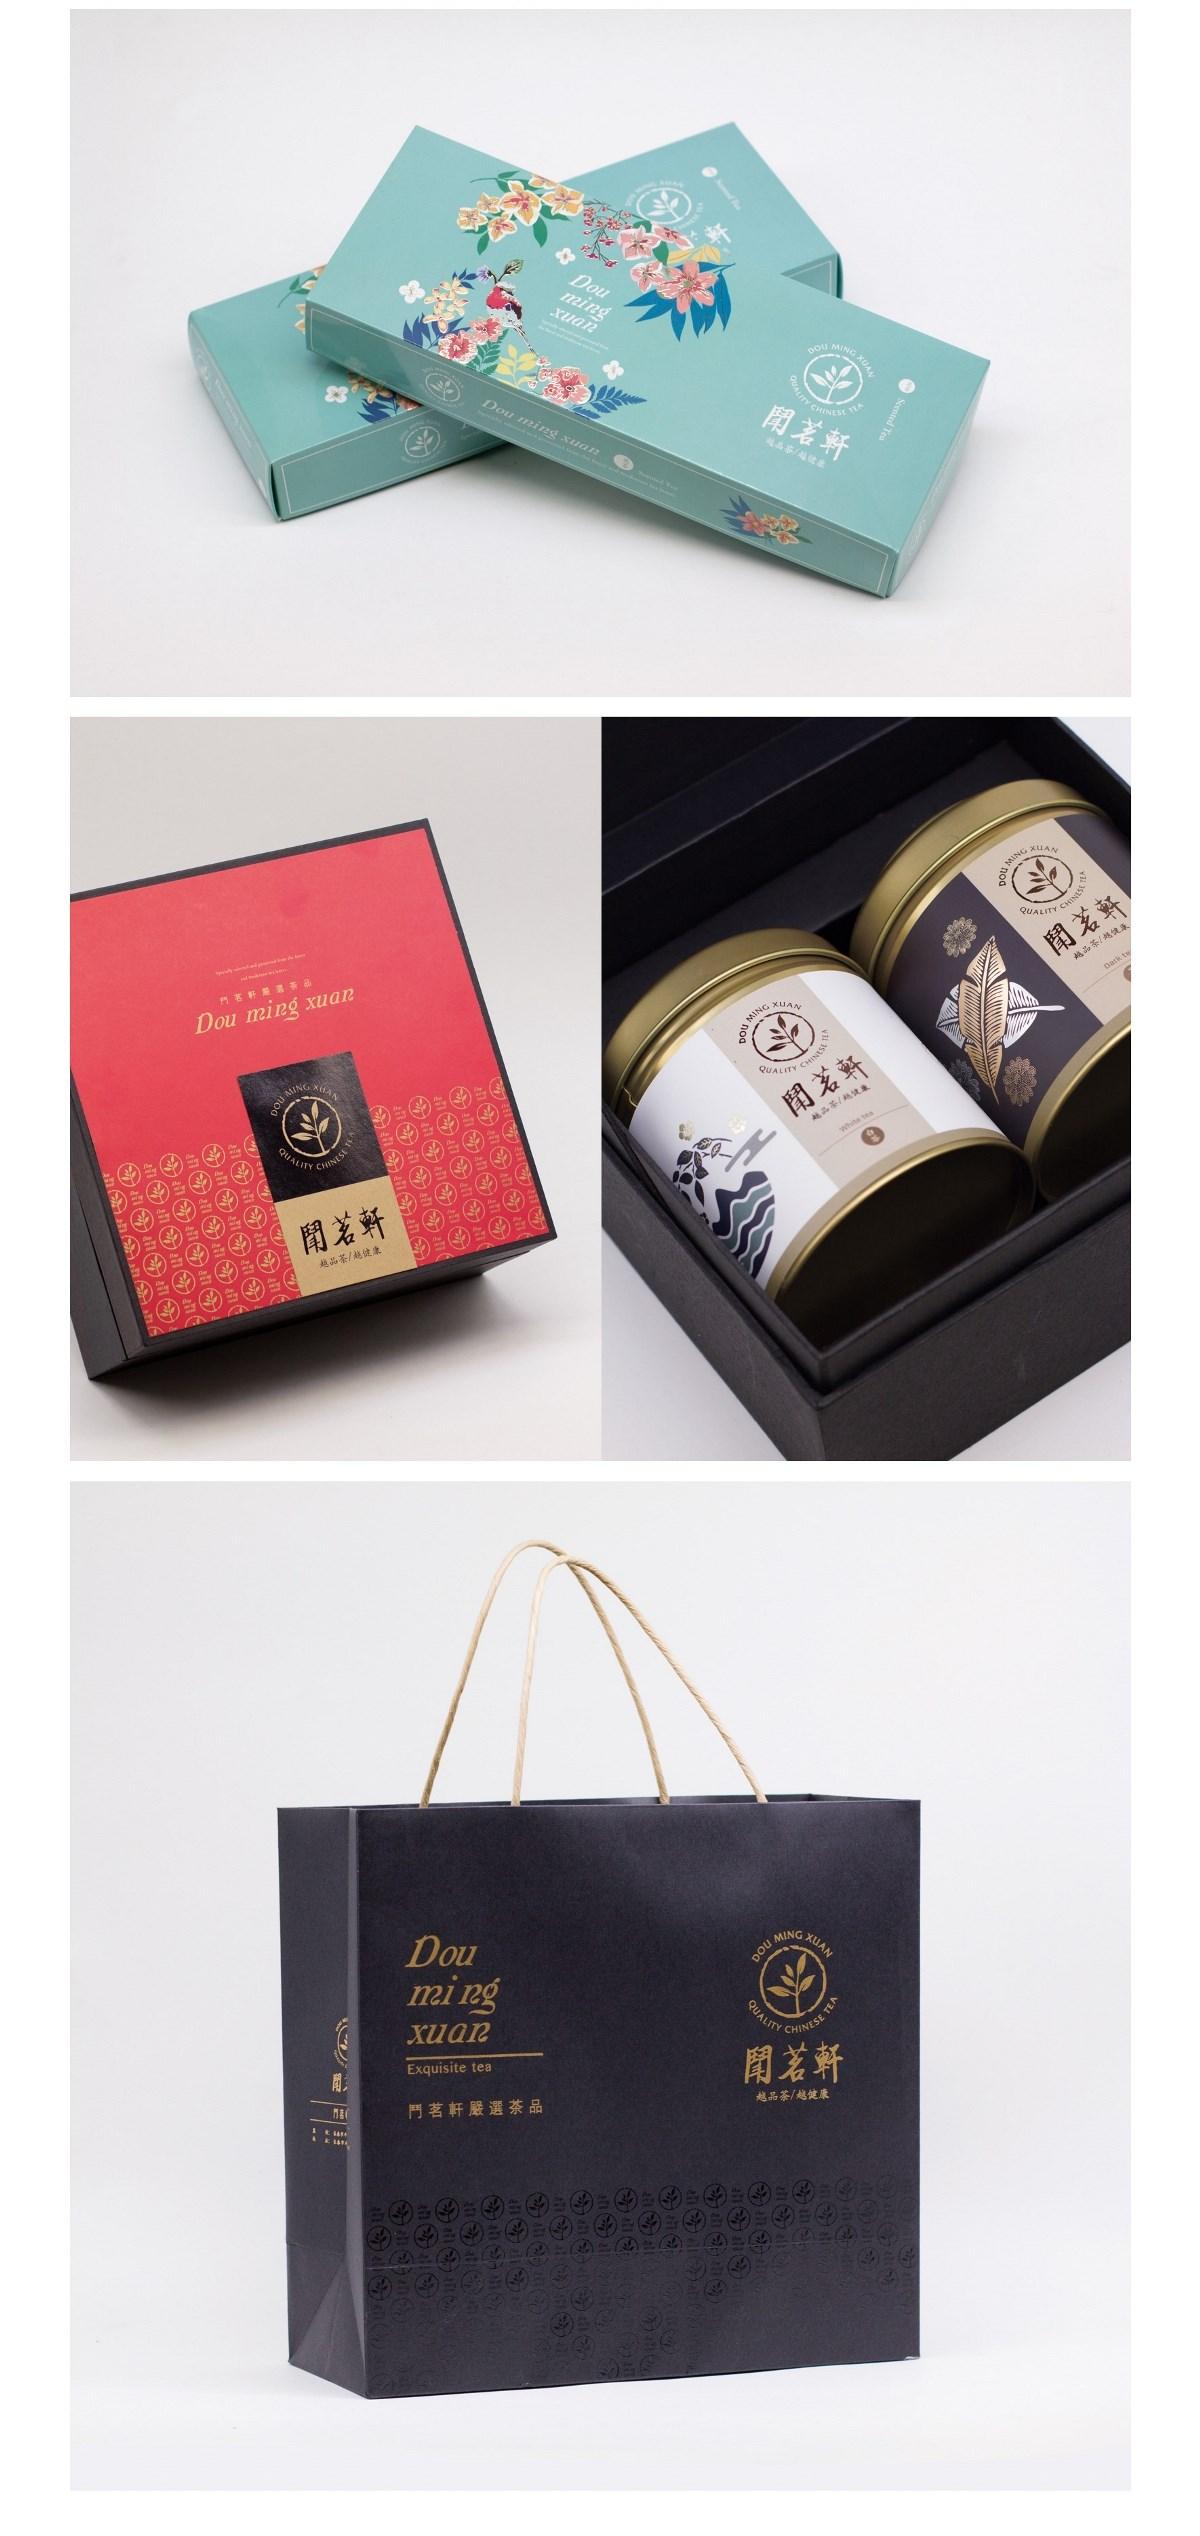 斗茗轩品牌包装